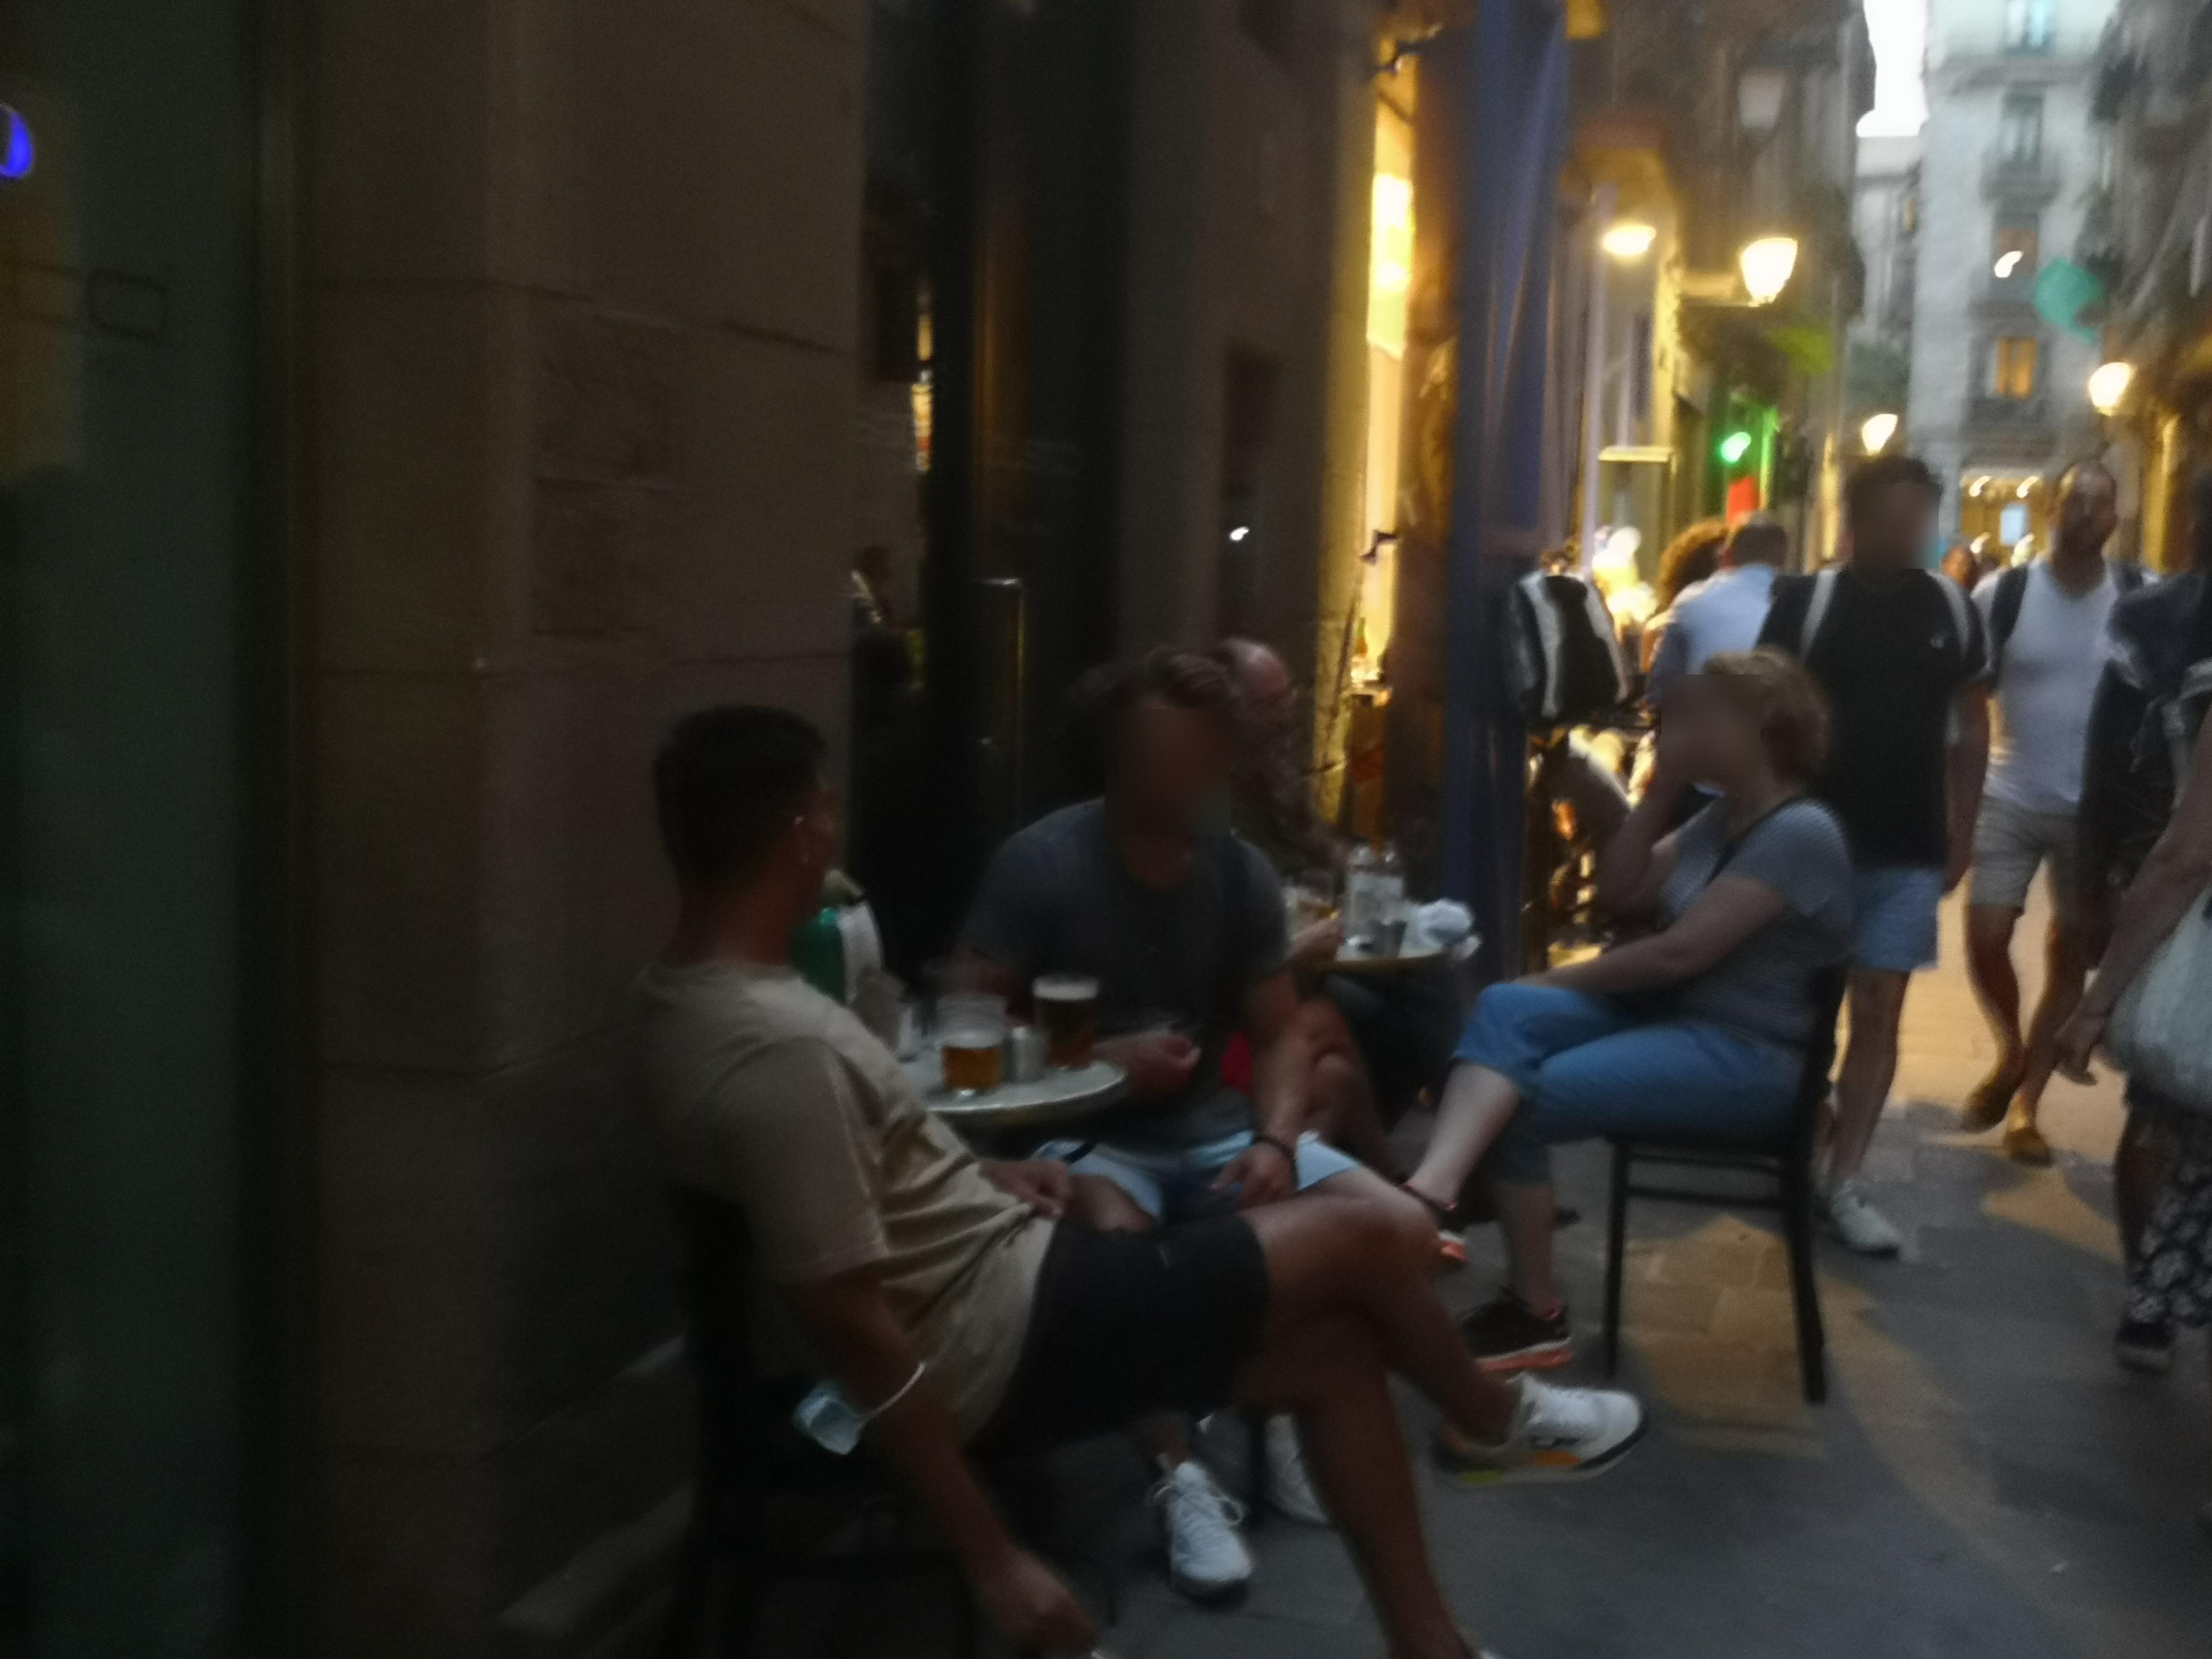 Vidrieria, 15 - nosaltres també, okupem façana a totes dues bandes del carrer!!